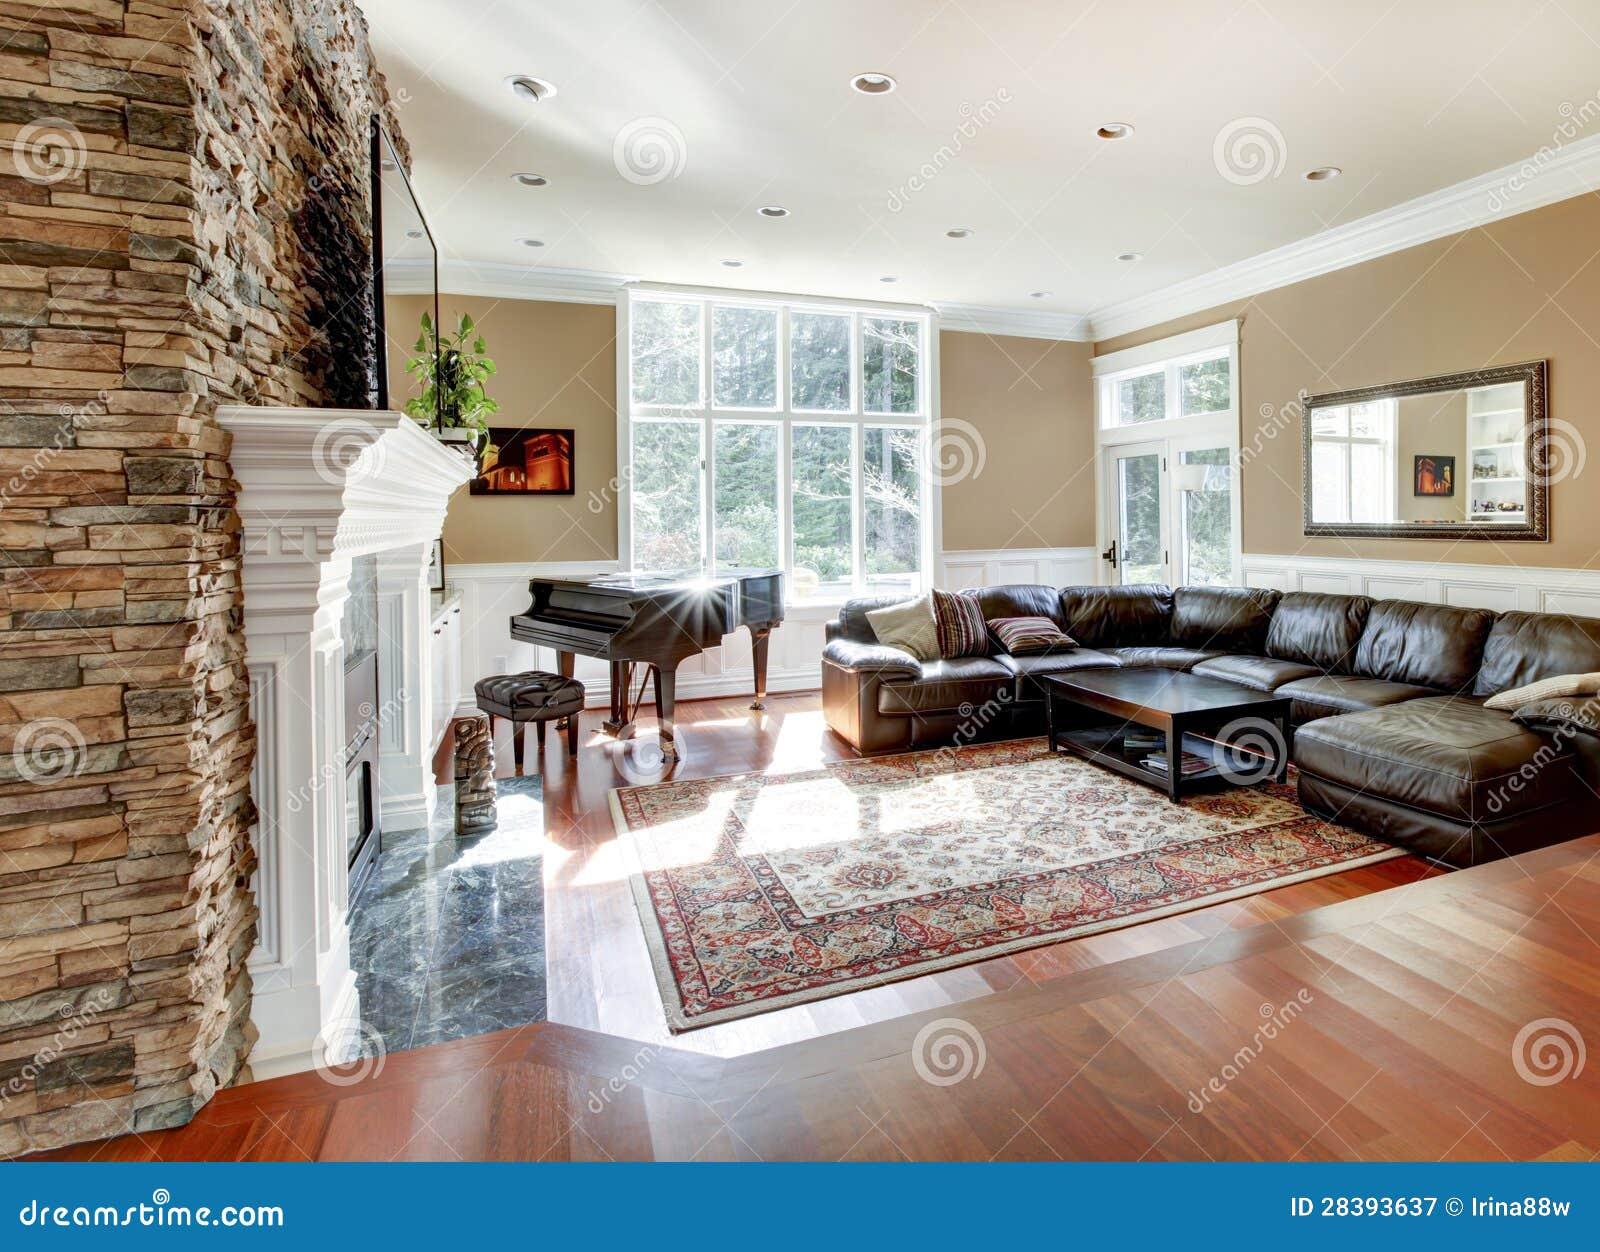 Salon de luxe lumineux avec le bois dur de chemin e en - Salon de luxe en cuir ...